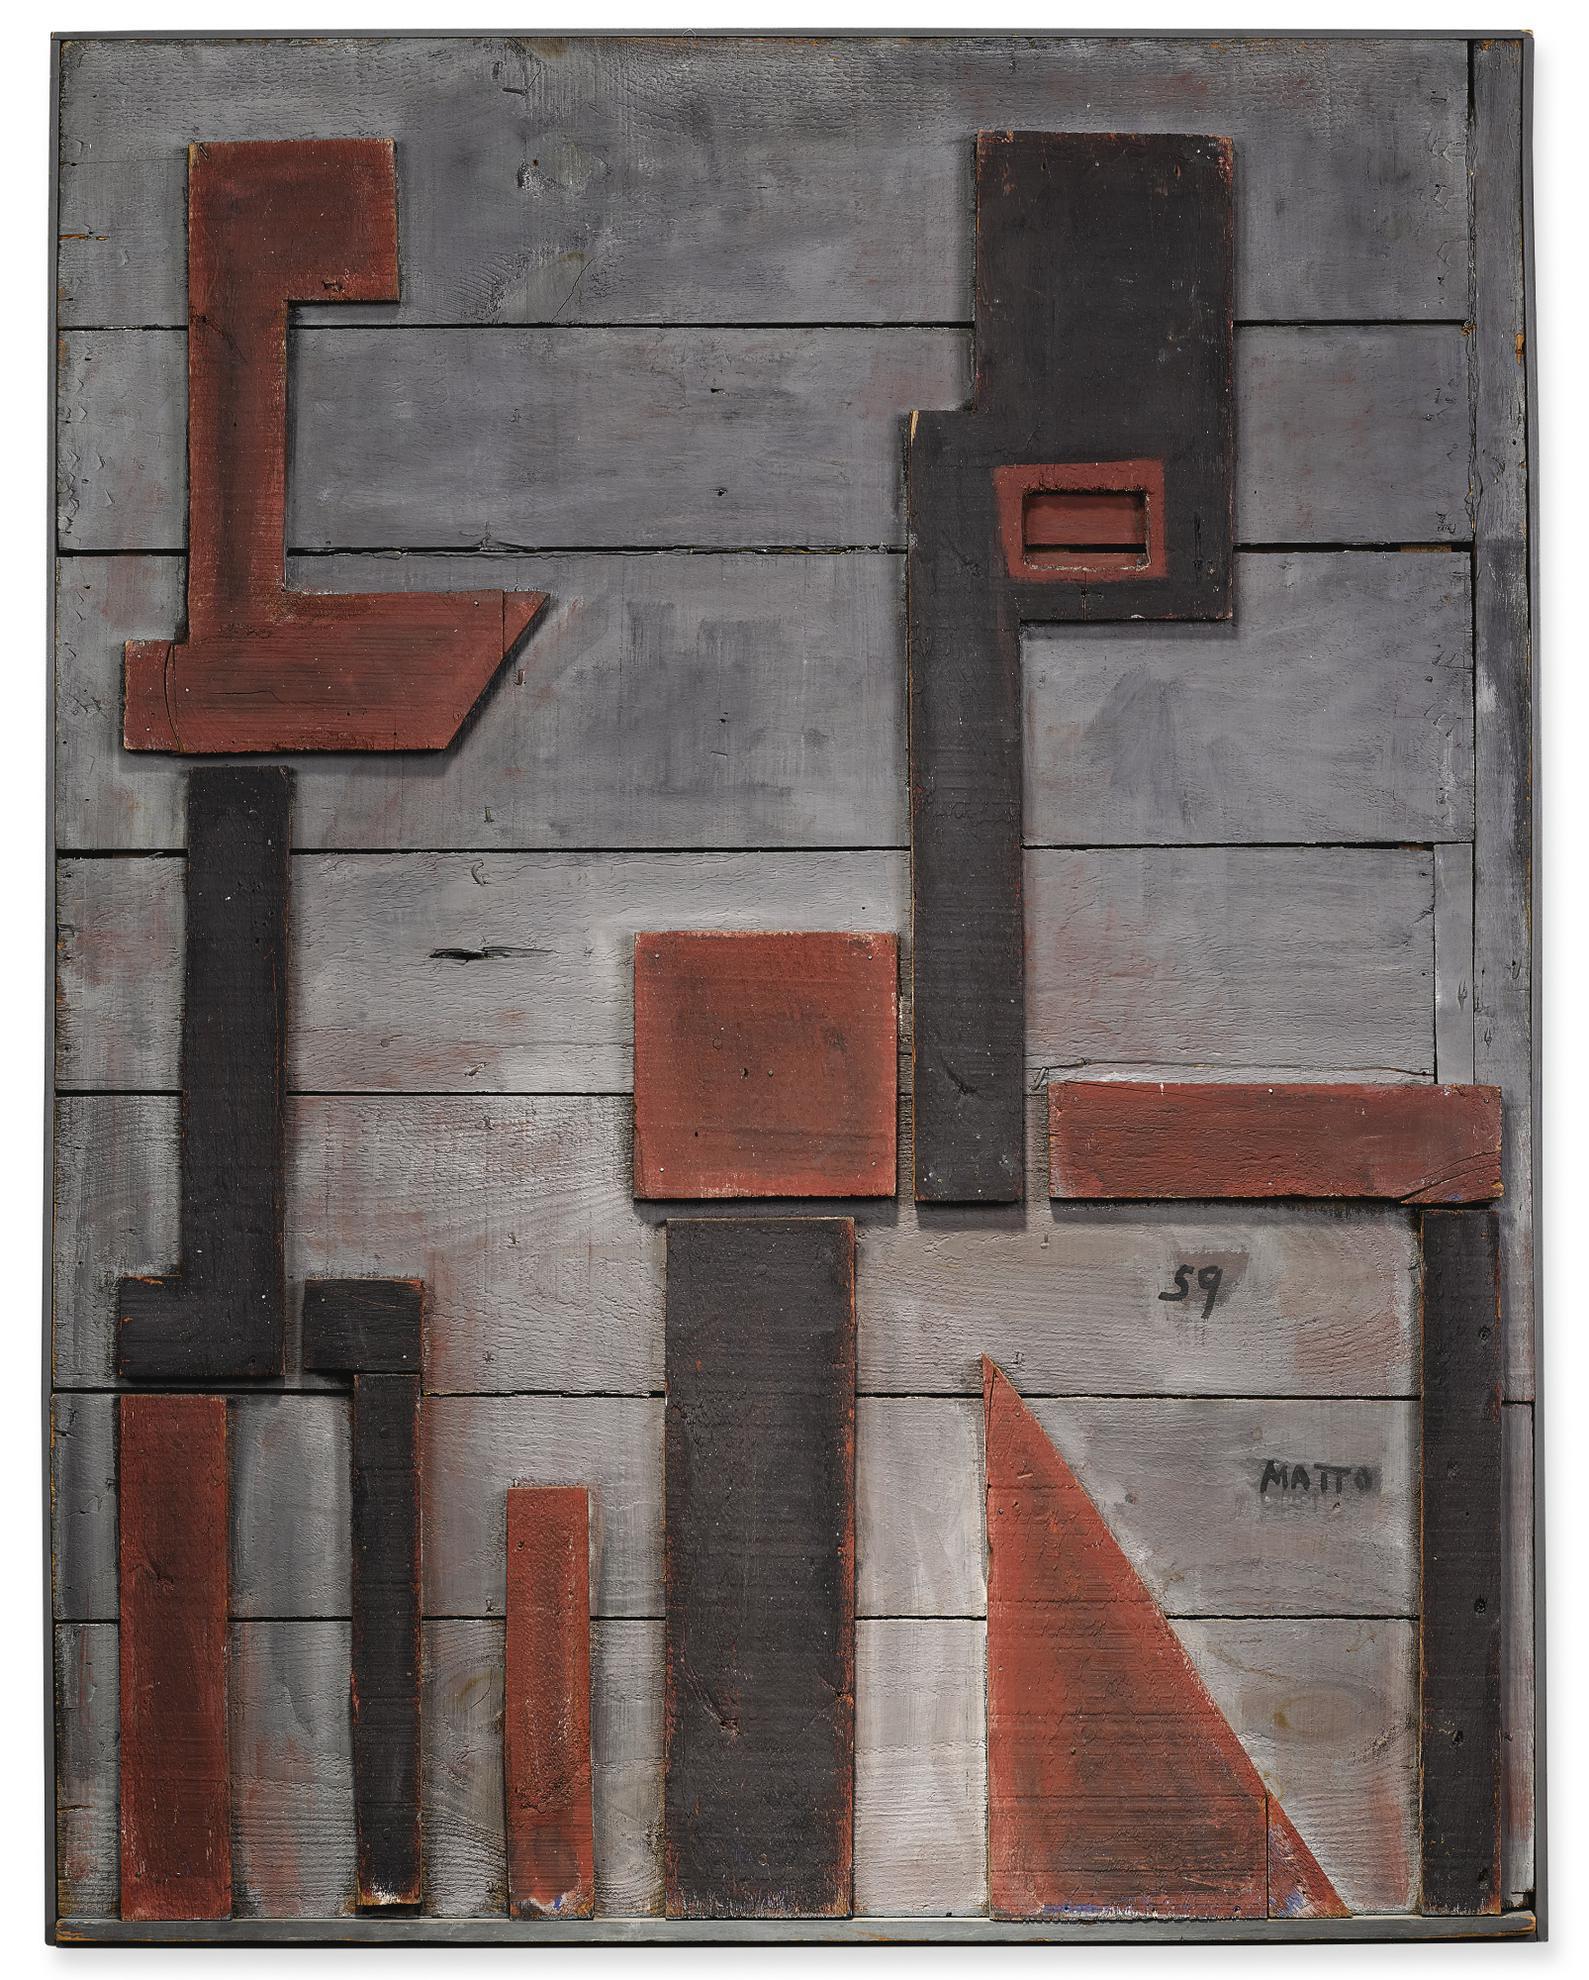 Francisco Matto - Dos Formas En Rojo Con Fondo Gris-1959